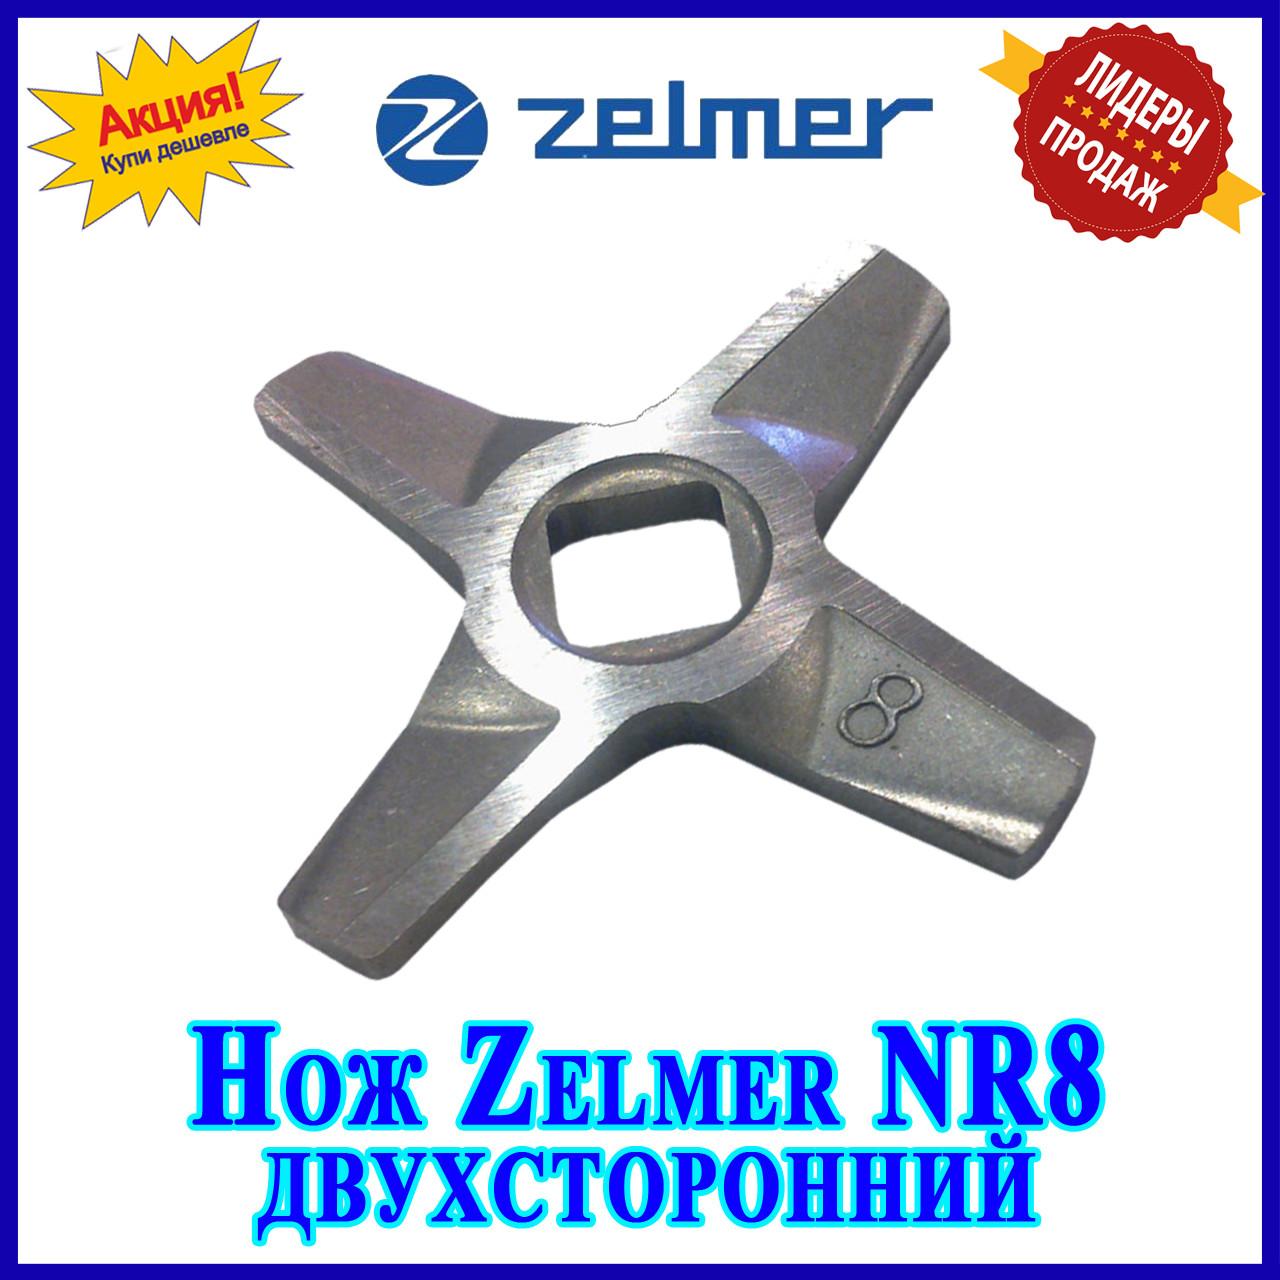 Нож для мясорубки Zelmer NR8 (ОРИГИНАЛ) Двухсторонний 86.3109 632543 (ZMMA128X) - Запчасти для бытовой техники — b-zip.com.ua в Харькове